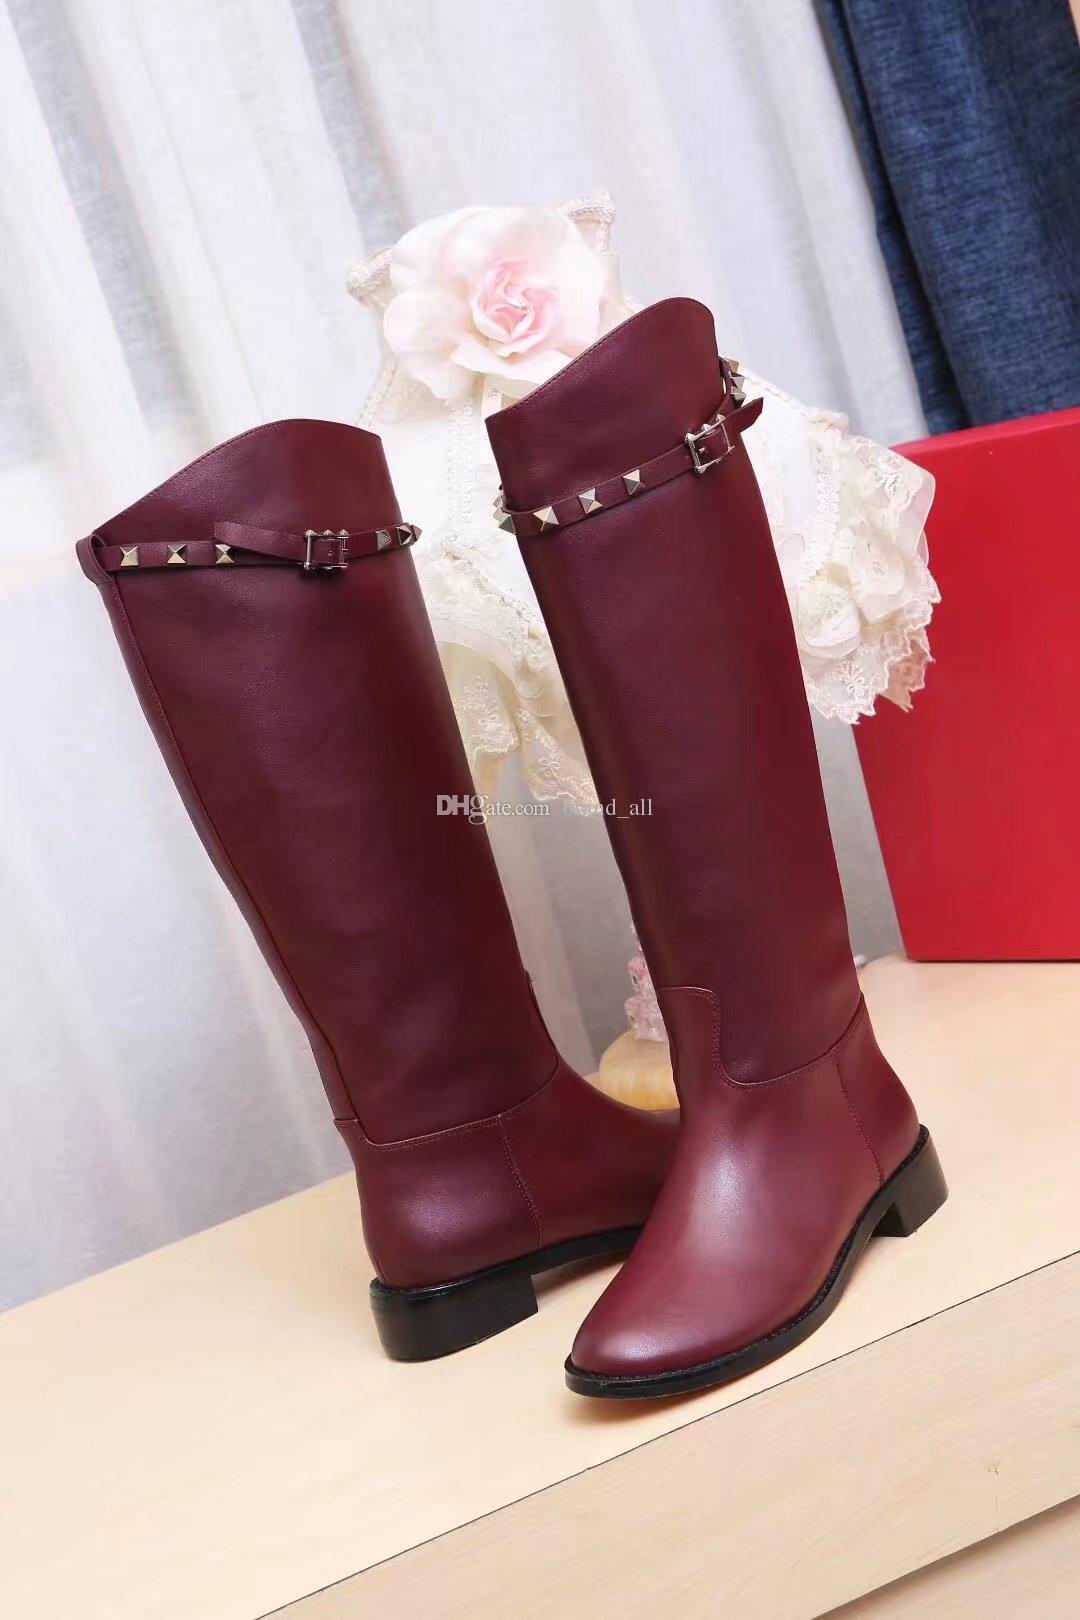 Stivaletti alti al ginocchio Stivaletti lunghi color vino rosso nero Stivaletti da moto da donna in pelle di moda femminile